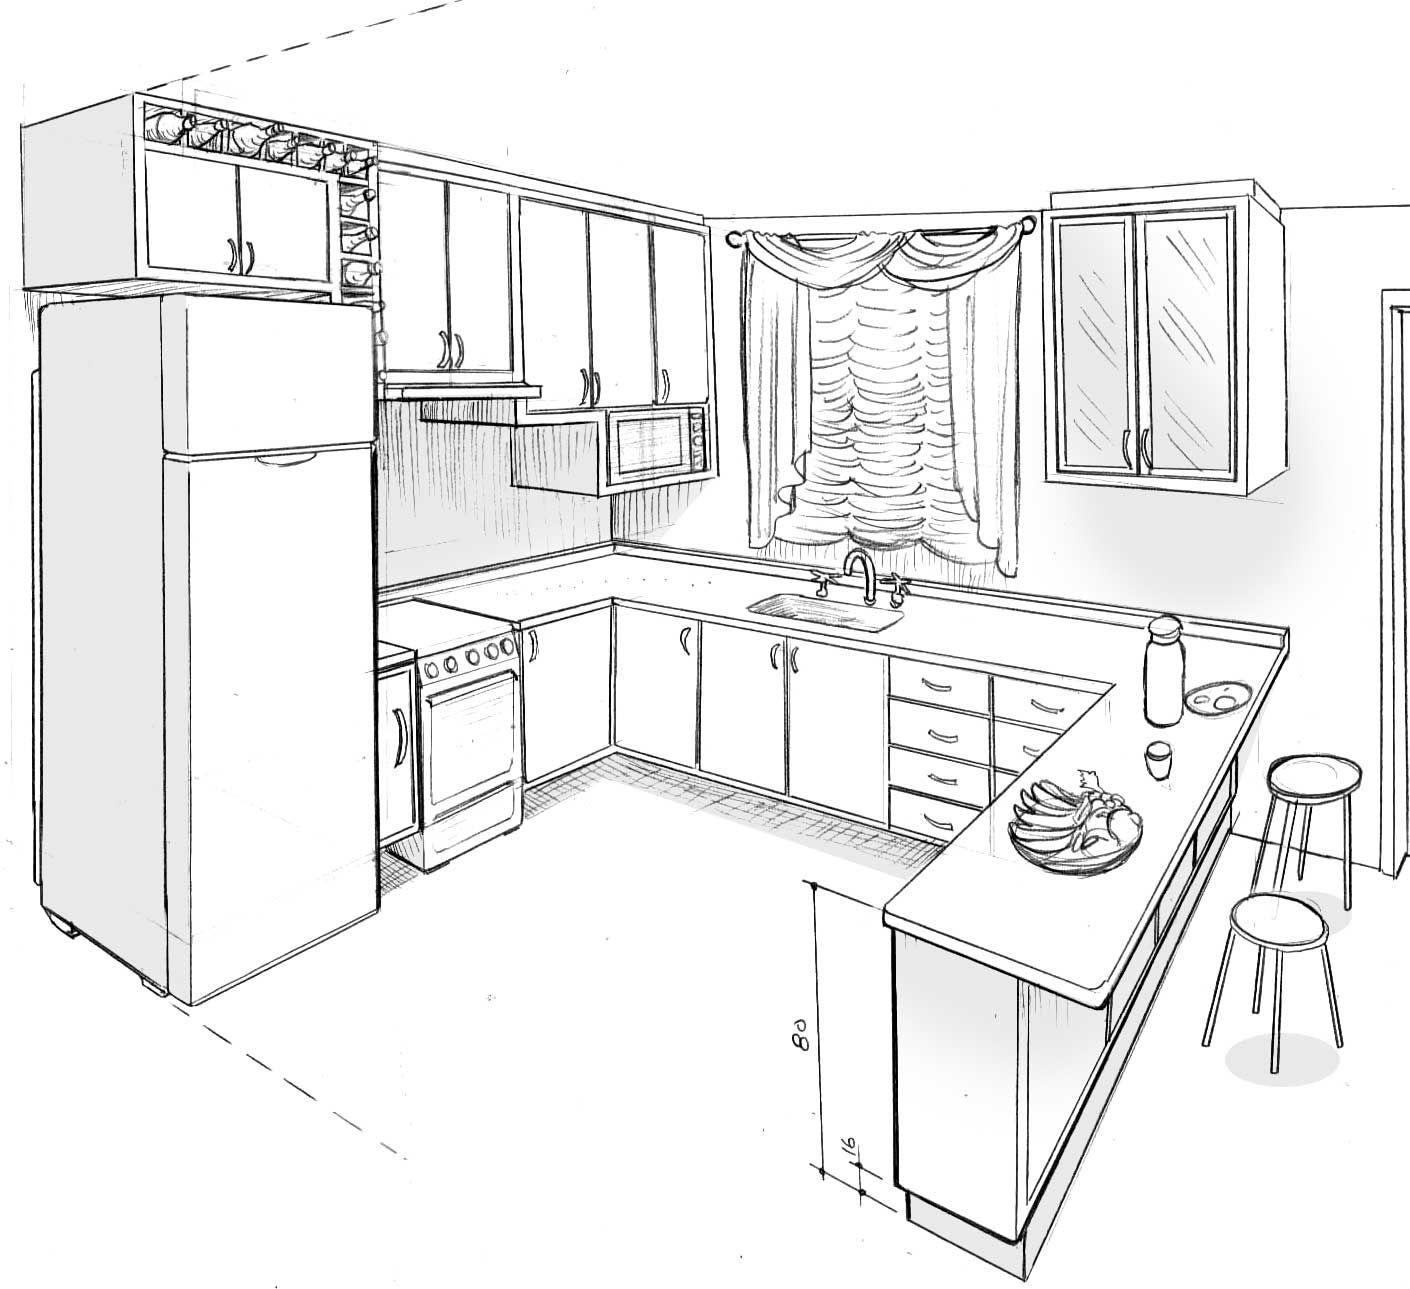 Desenhos de ambientes em perspectiva pesquisa google for Planos de cocinas grandes